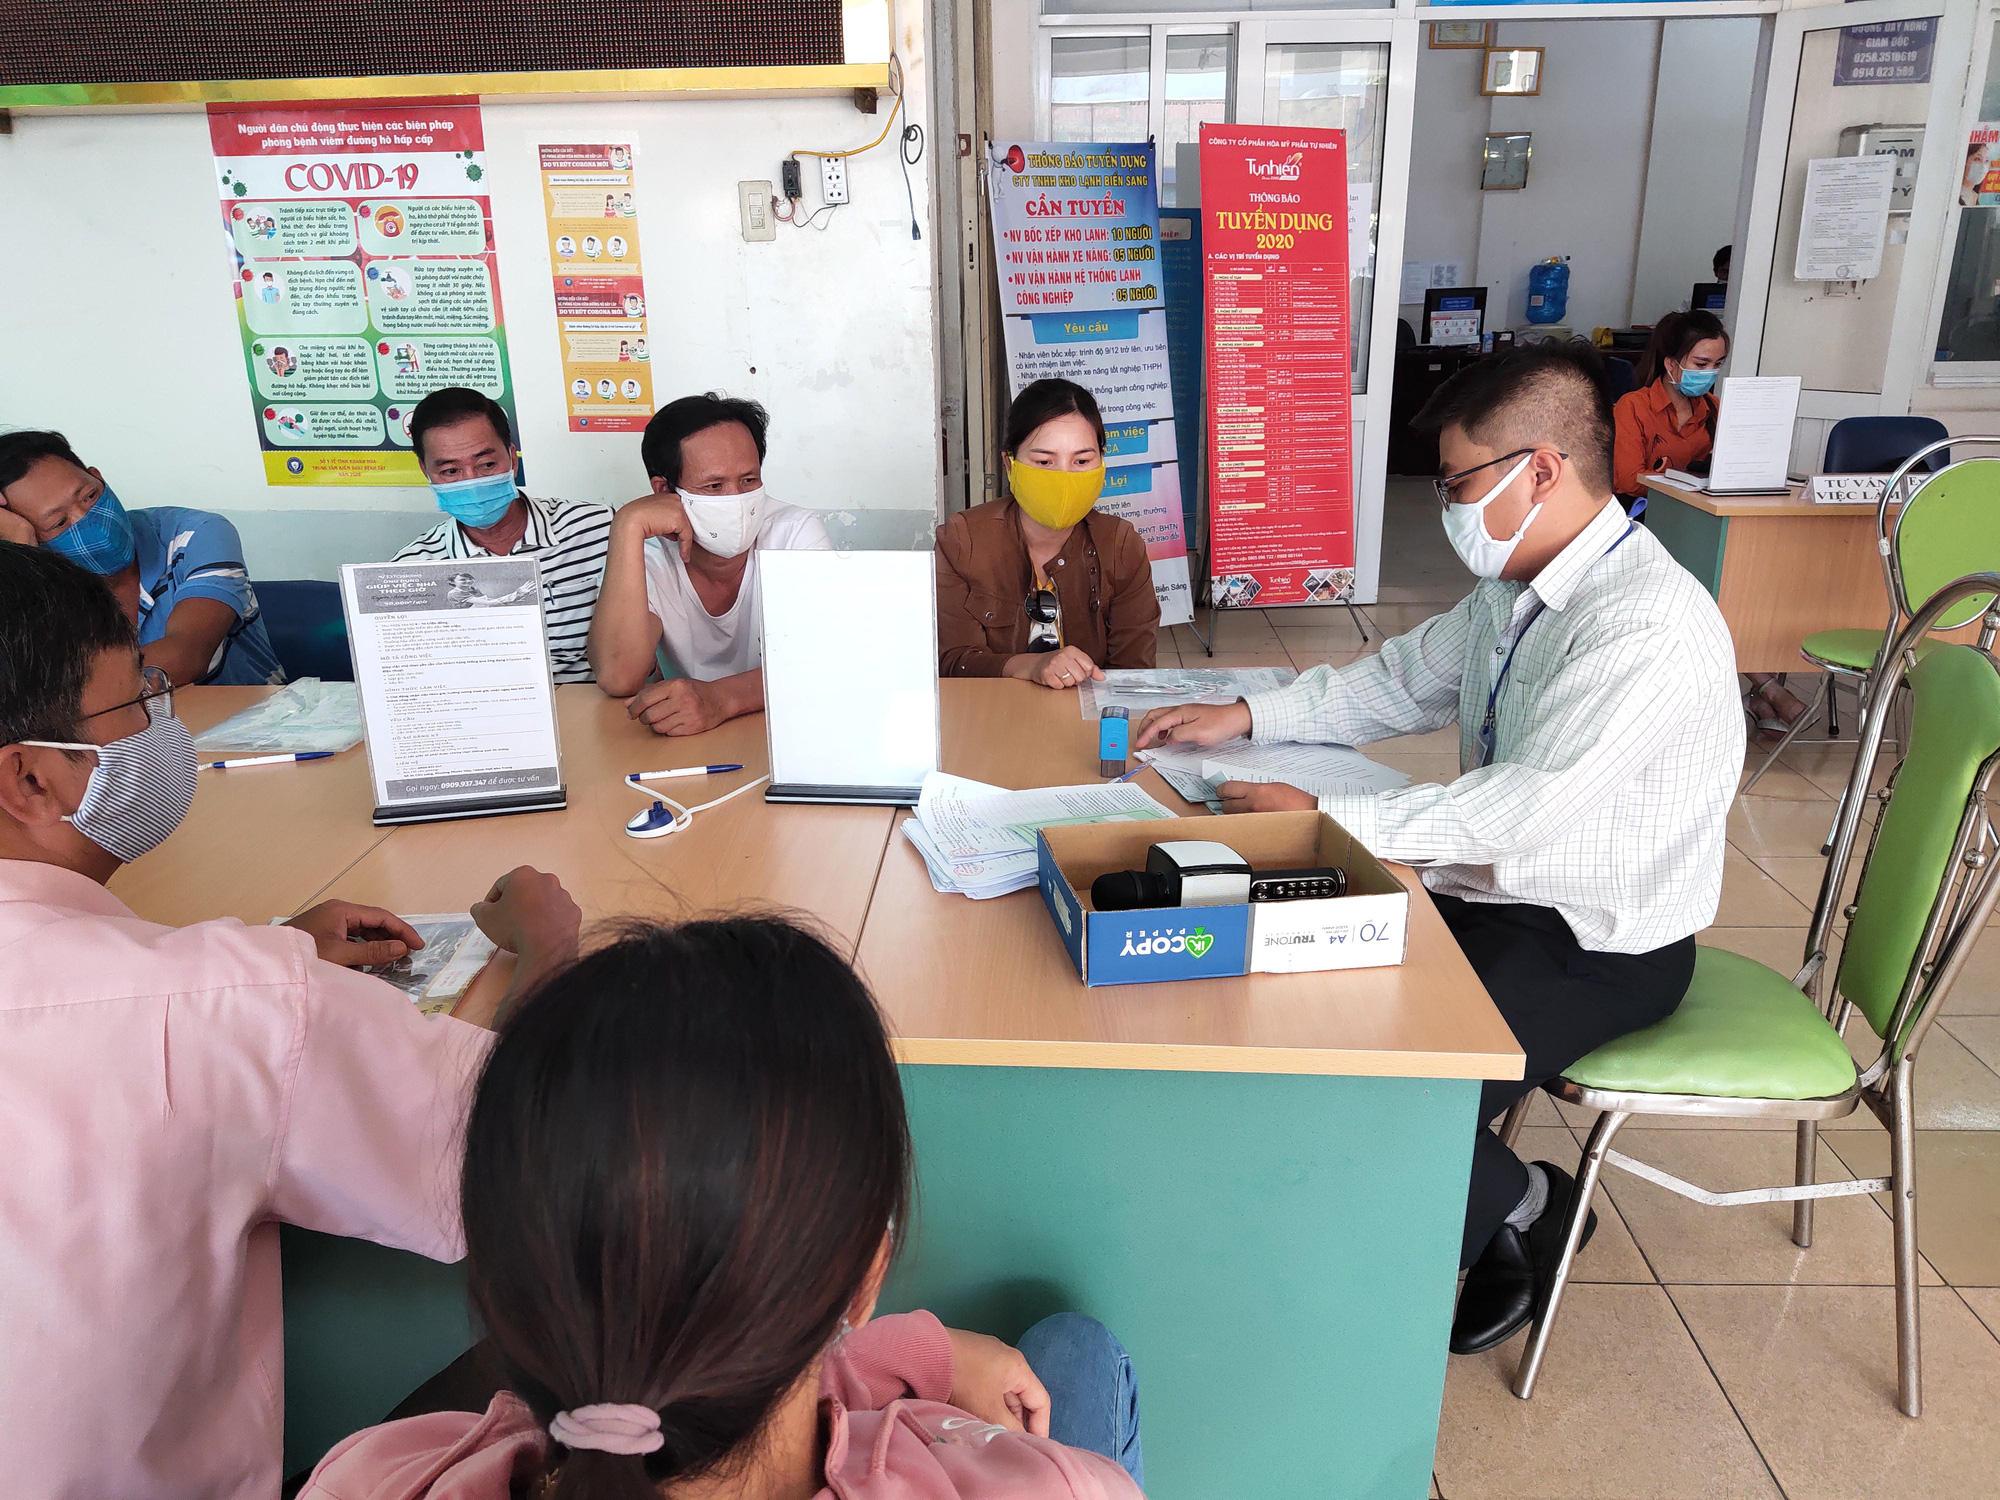 Khánh Hòa: Hàng nghìn lao động mất việc, nhân viên Trung tâm Dịch vụ việc làm mướt mồ hôi giải quyết hồ sơ - Ảnh 5.